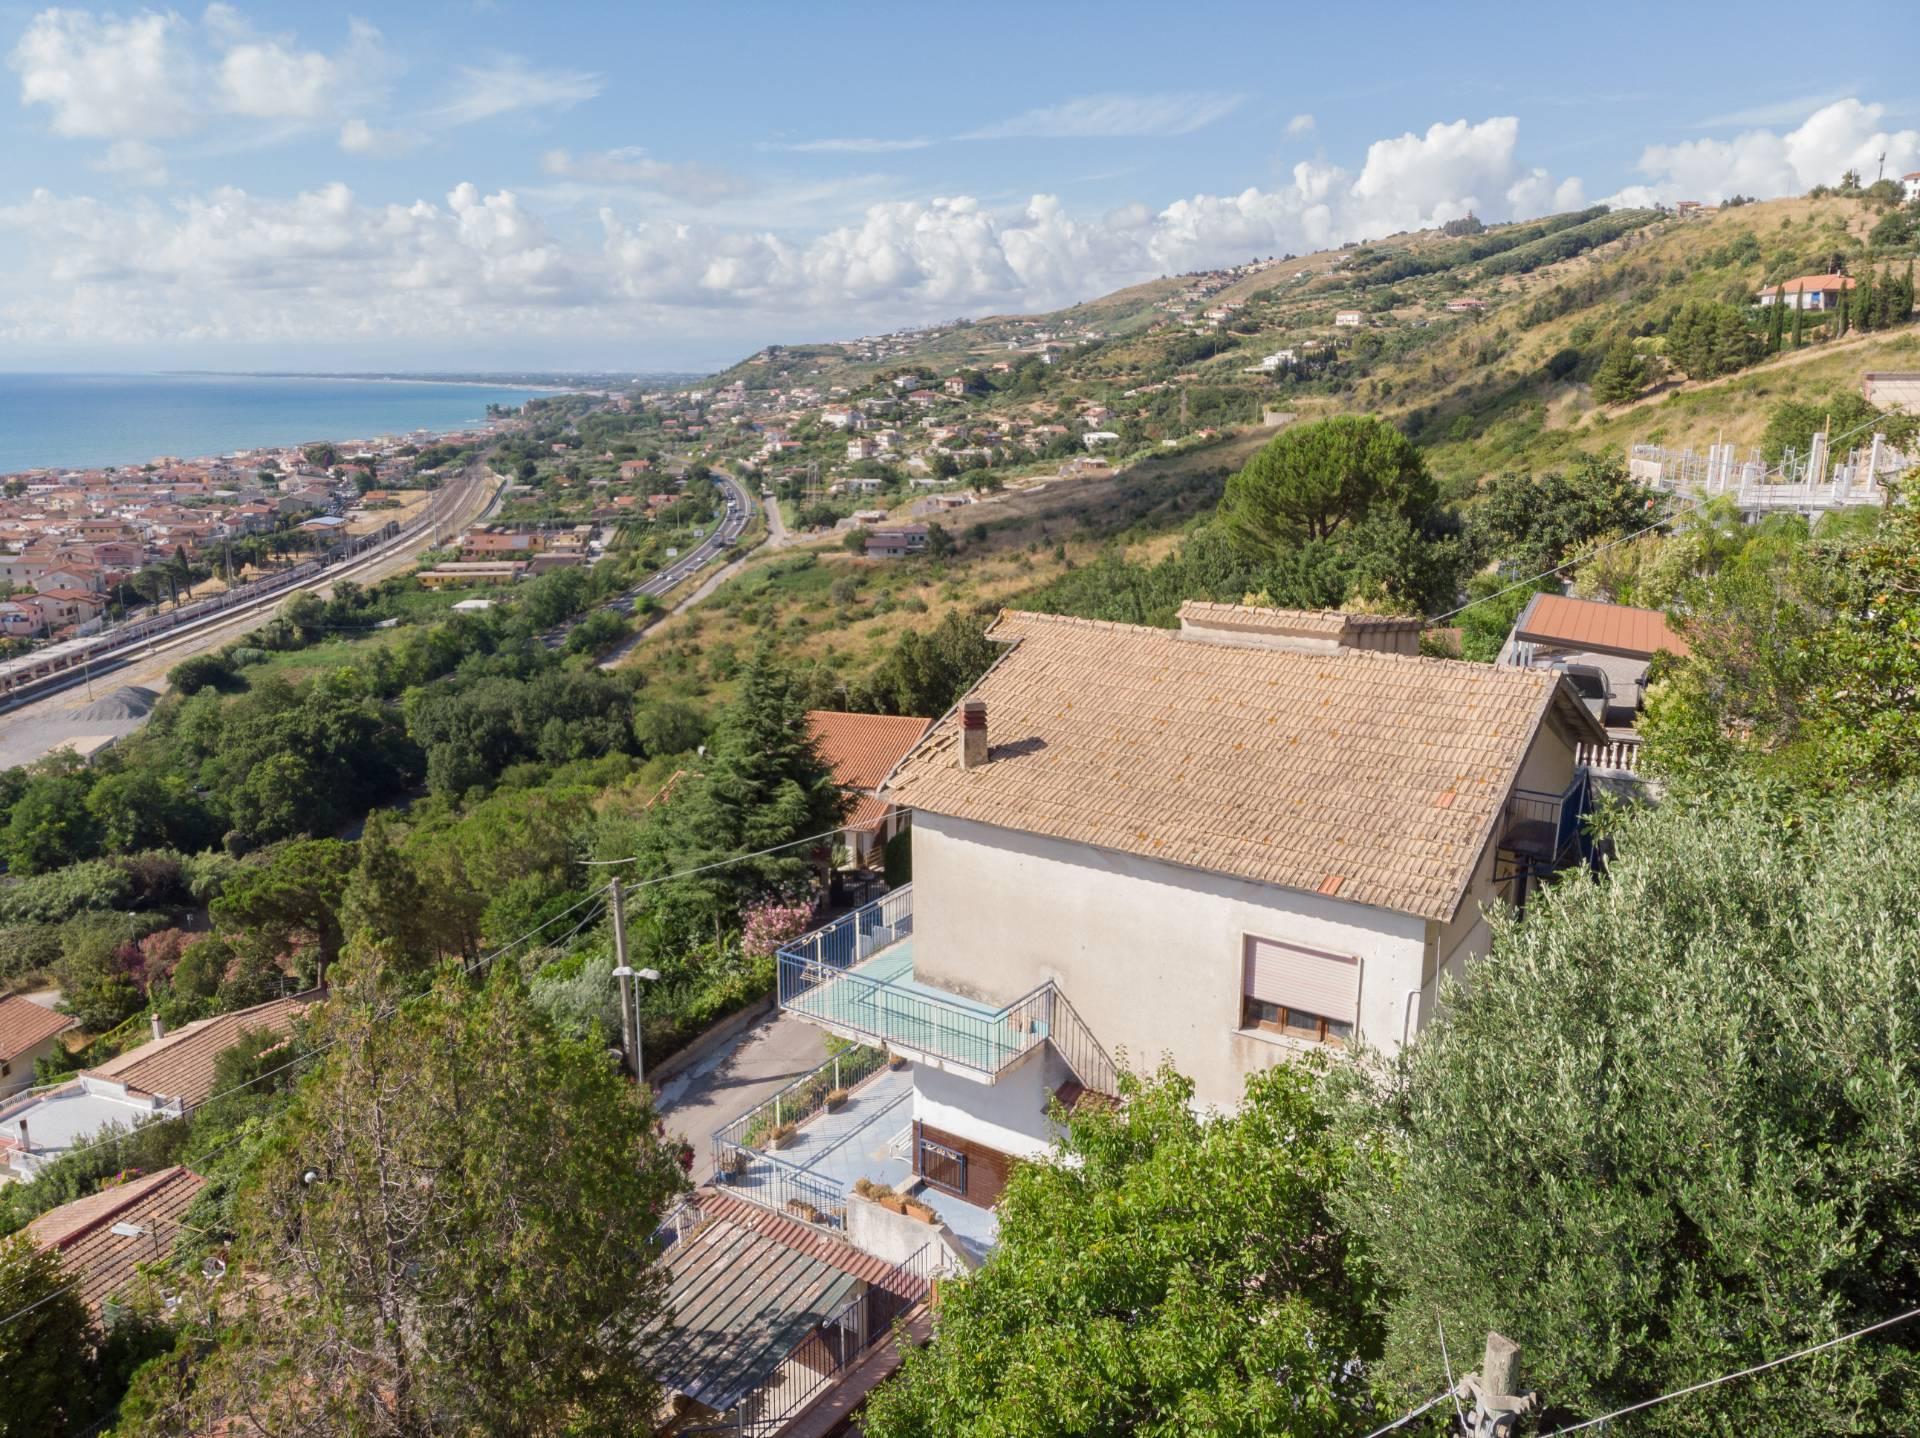 Villa in vendita a Agropoli, 10 locali, prezzo € 310.000 | CambioCasa.it